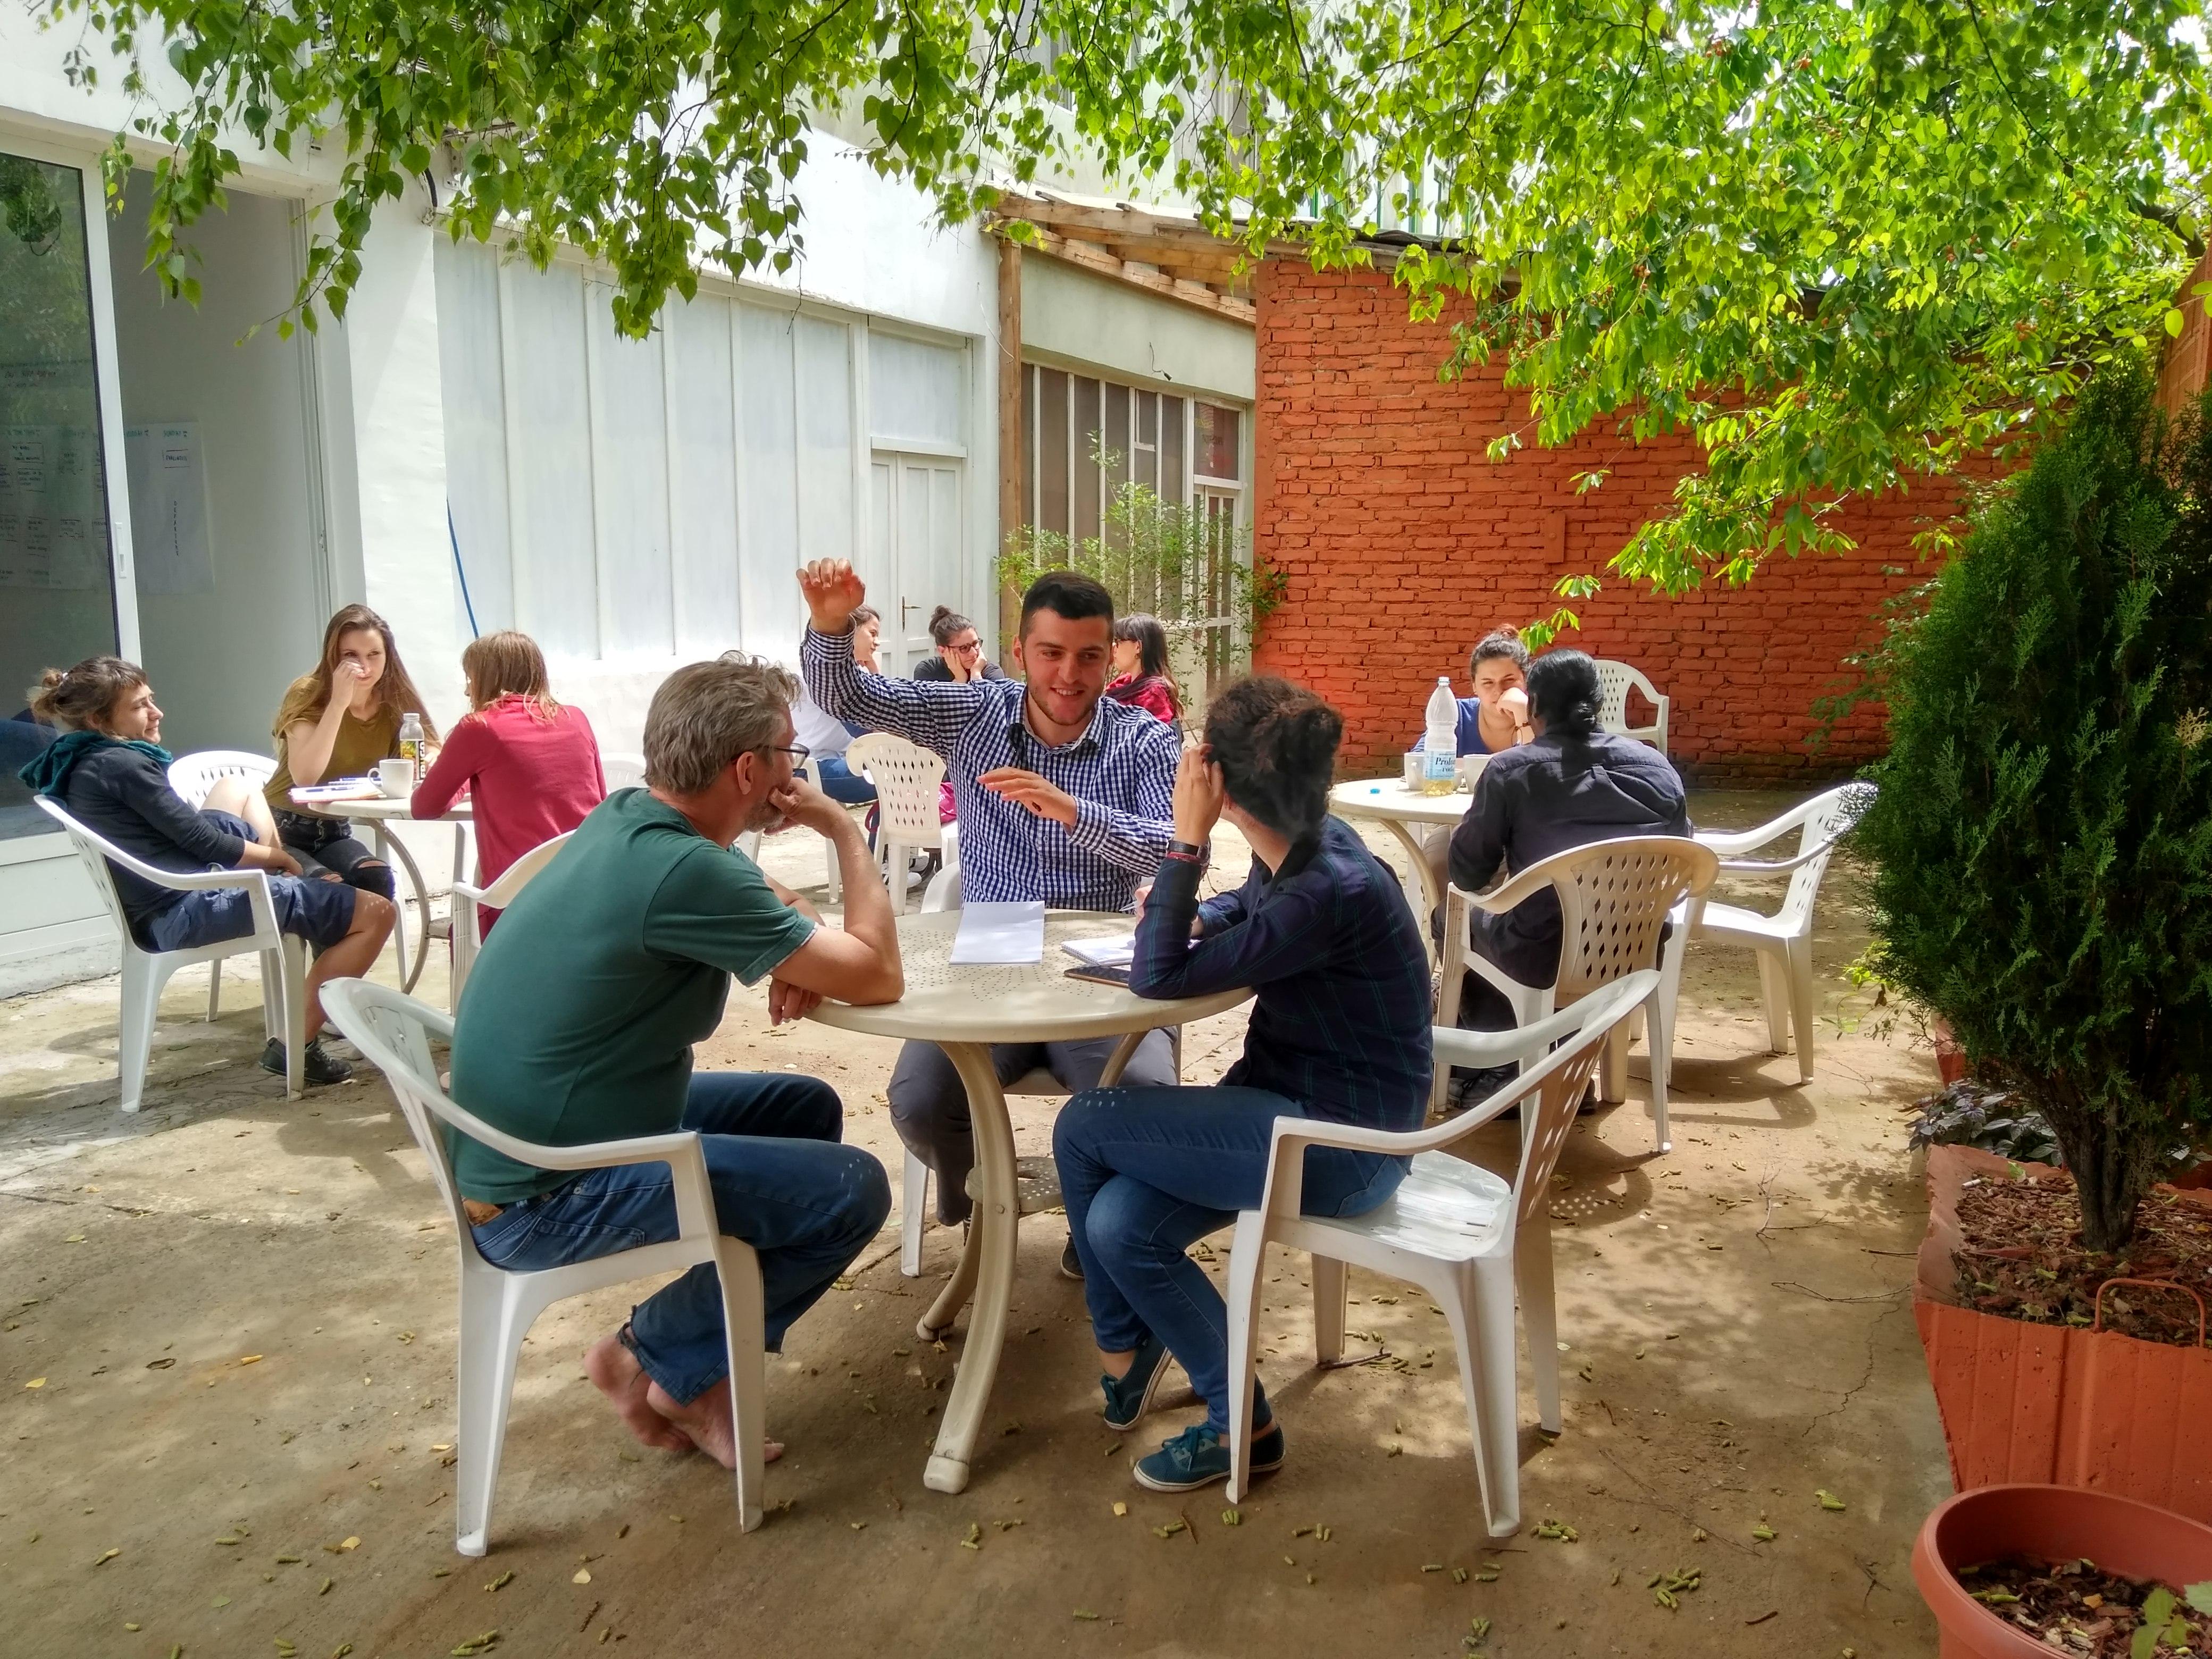 Un campo di volontariato per promuovere l'interculturalità: direzione Argentina